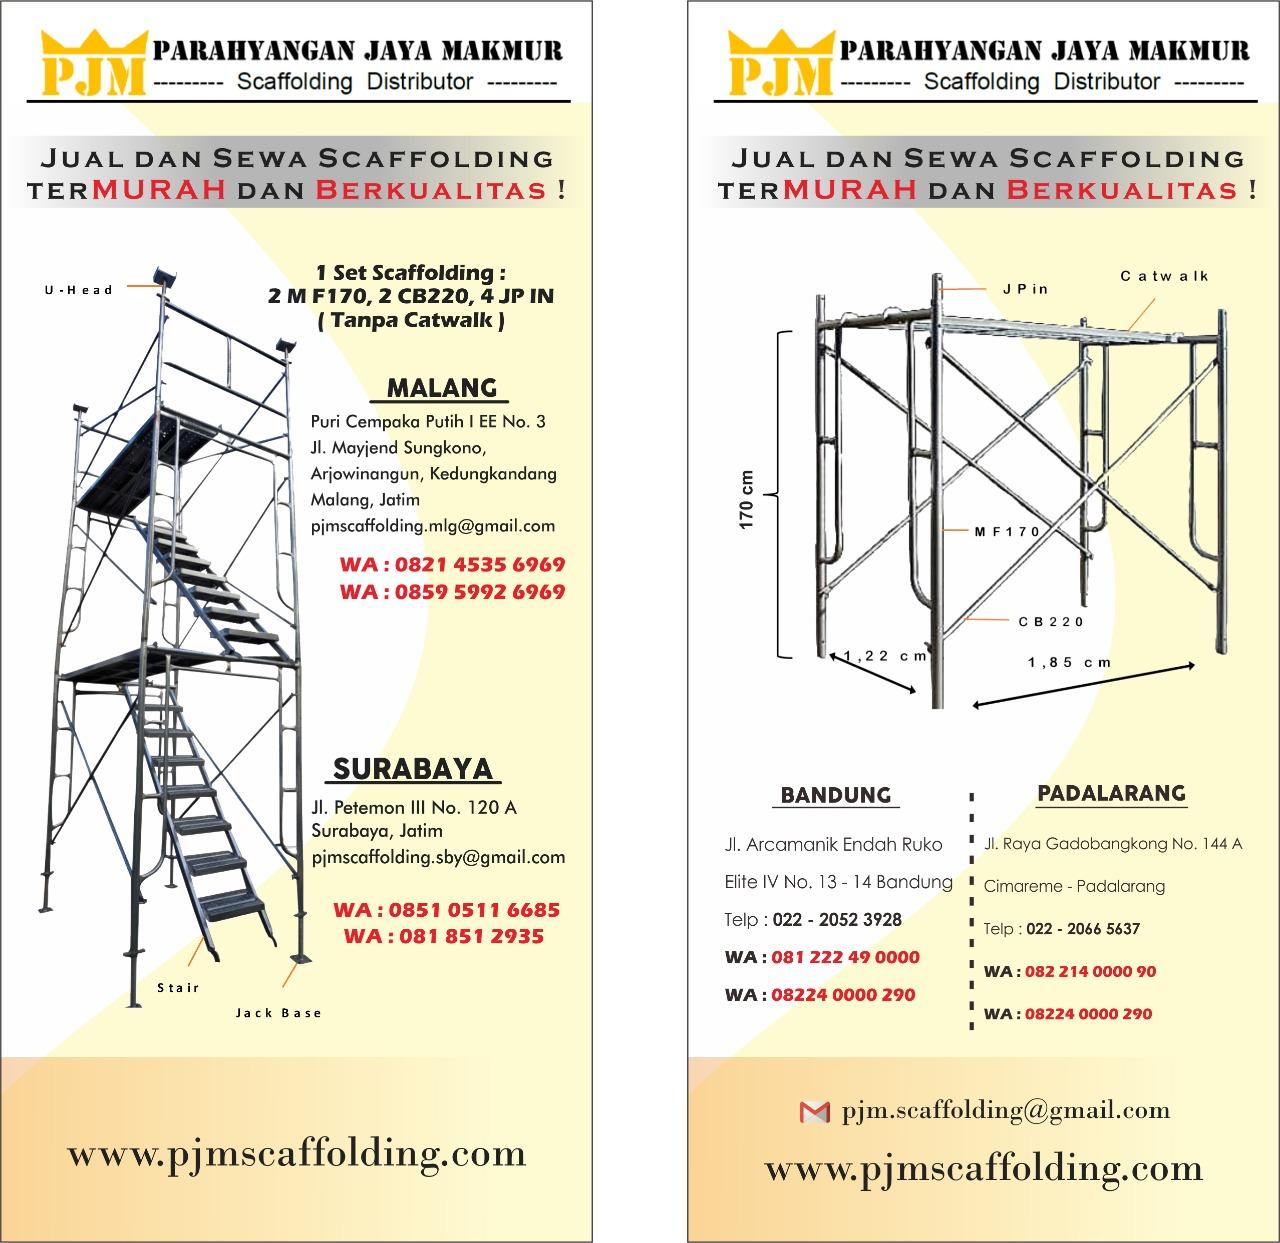 PJM Scaffolding